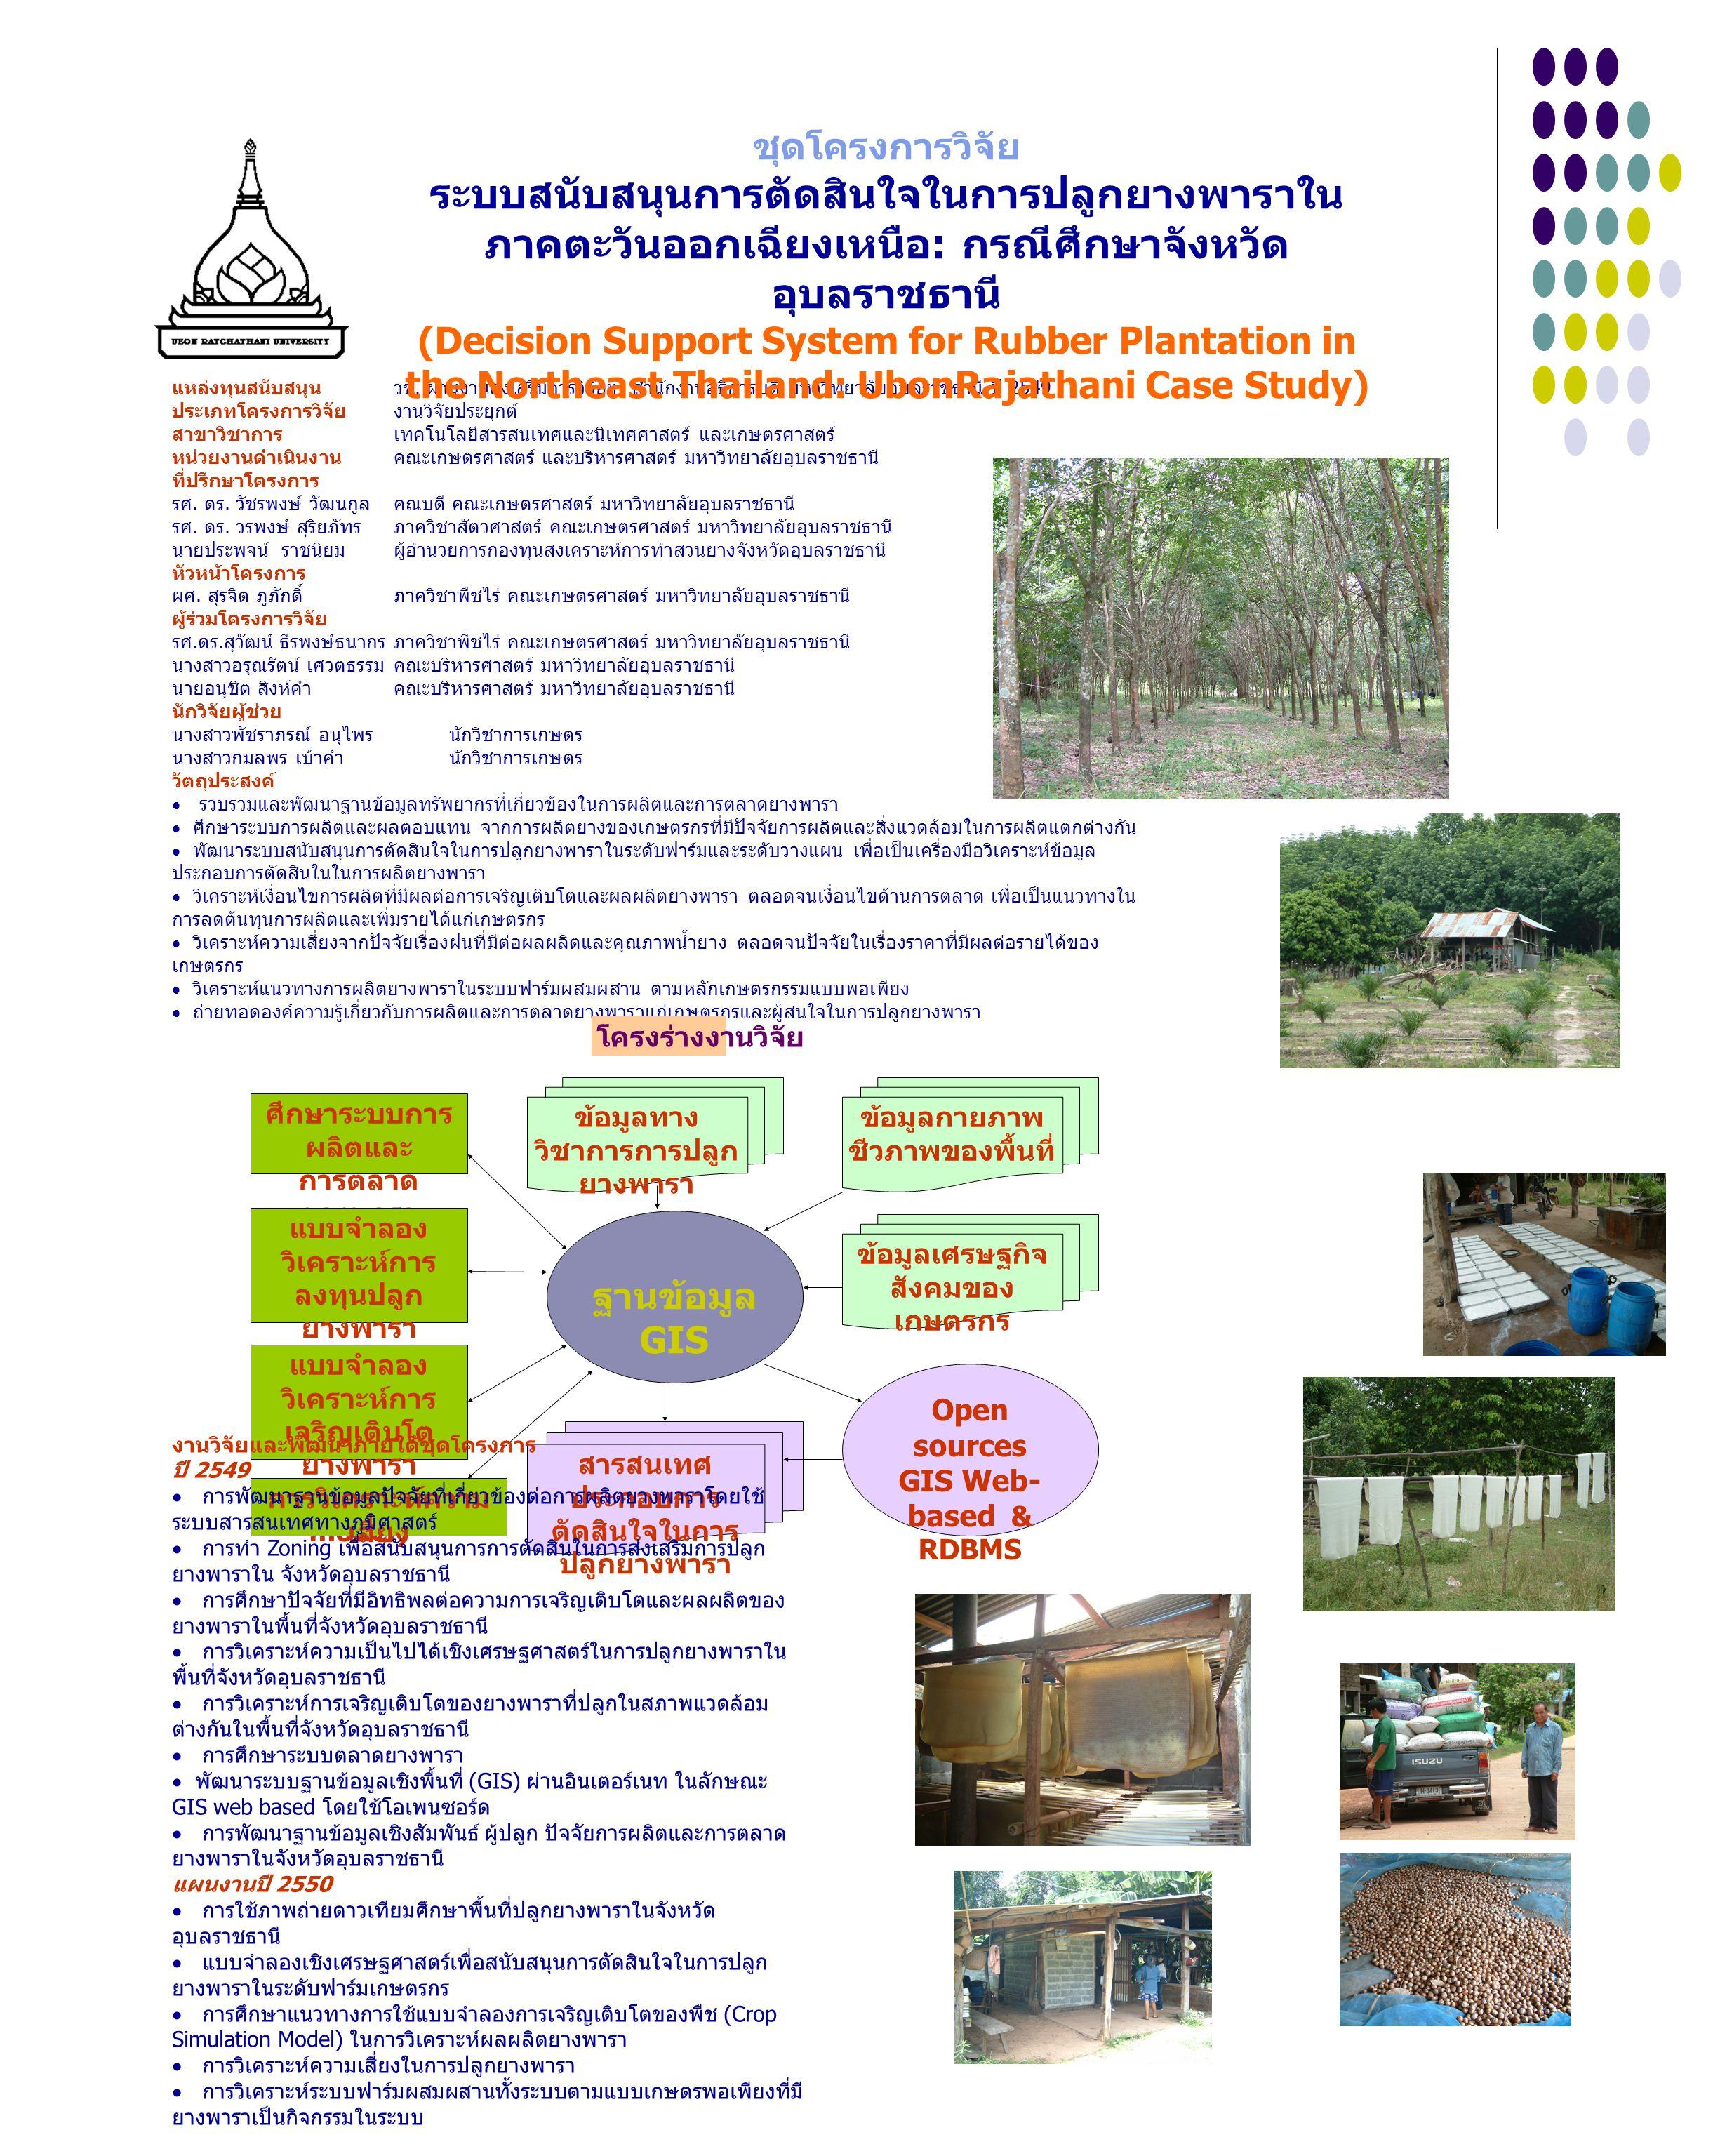 ฐานข้อมูล GIS ศึกษาระบบการ ผลิตและ การตลาด ยางพารา ข้อมูลกายภาพ ชีวภาพของพื้นที่ ข้อมูลทาง วิชาการการปลูก ยางพารา แบบจำลอง วิเคราะห์การ ลงทุนปลูก ยางพารา (Spreadsheet model) แบบจำลอง วิเคราะห์การ เจริญเติบโต ยางพารา (Simulation model) Open sources GIS Web- based & RDBMS ข้อมูลเศรษฐกิจ สังคมของ เกษตรกร สารสนเทศ ประกอบการ ตัดสินใจในการ ปลูกยางพารา การวิเคราะห์ความ เสี่ยง แหล่งทุนสนับสนุน วช.